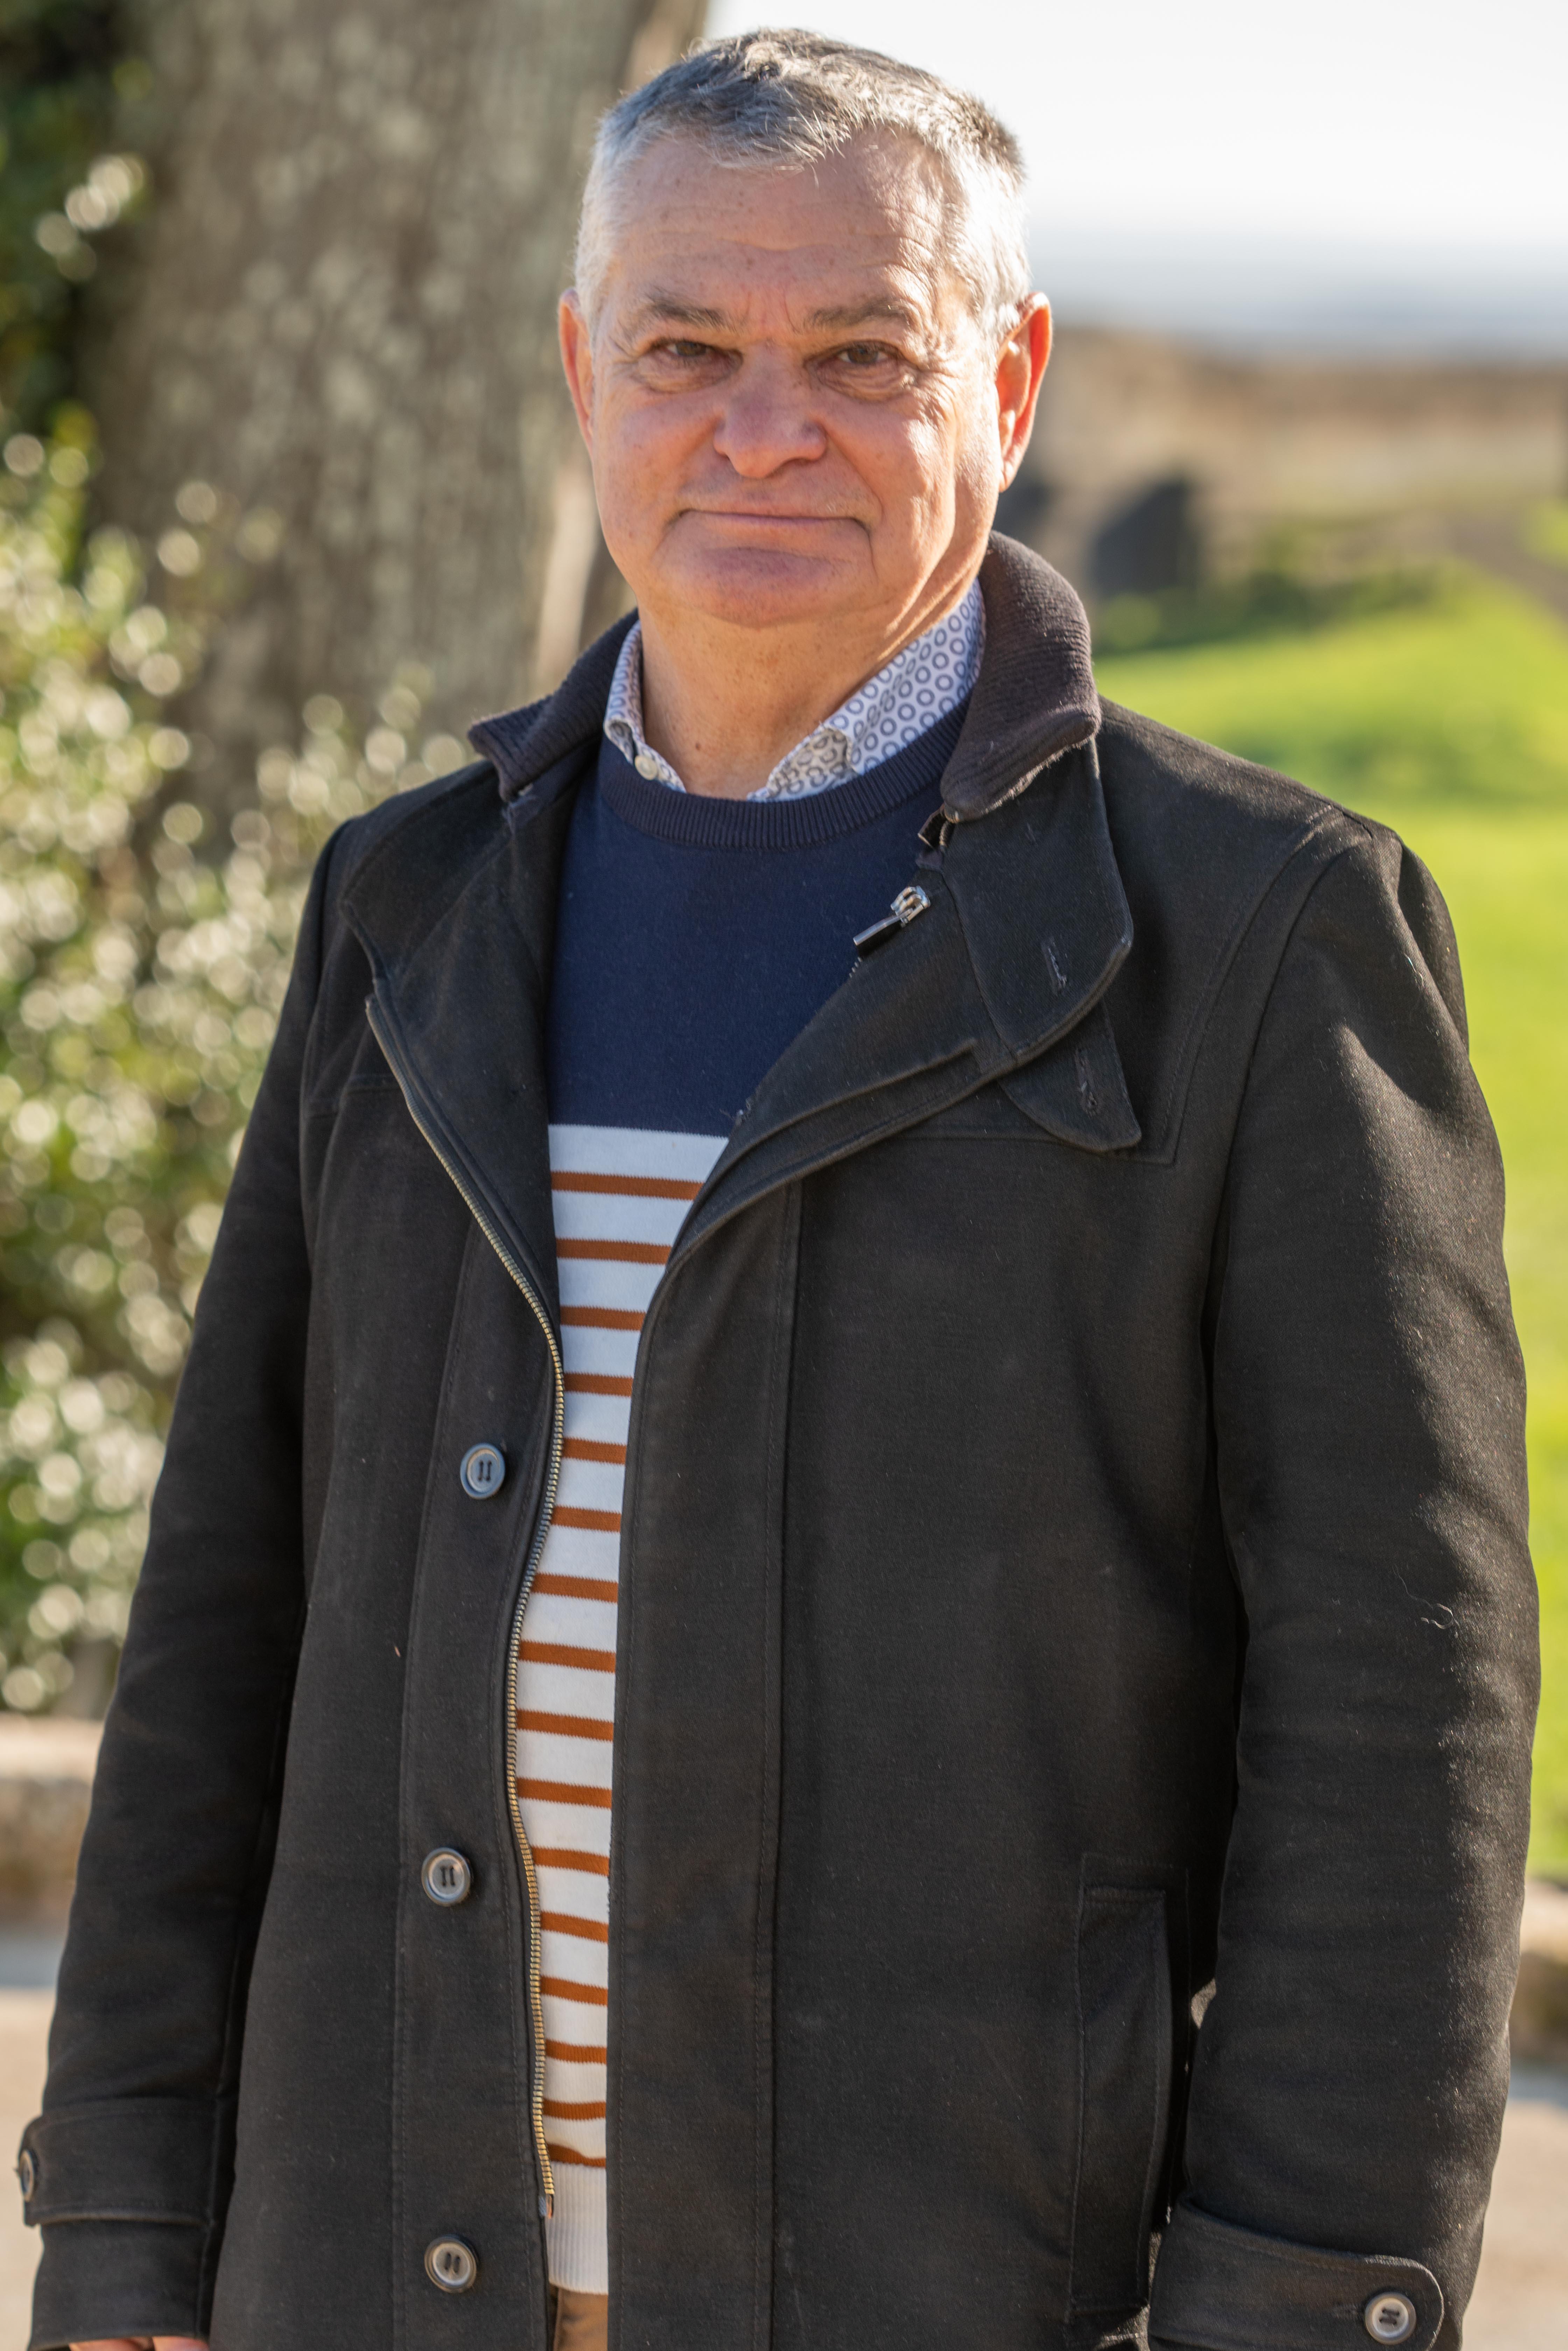 JIM ROUMEGOUS